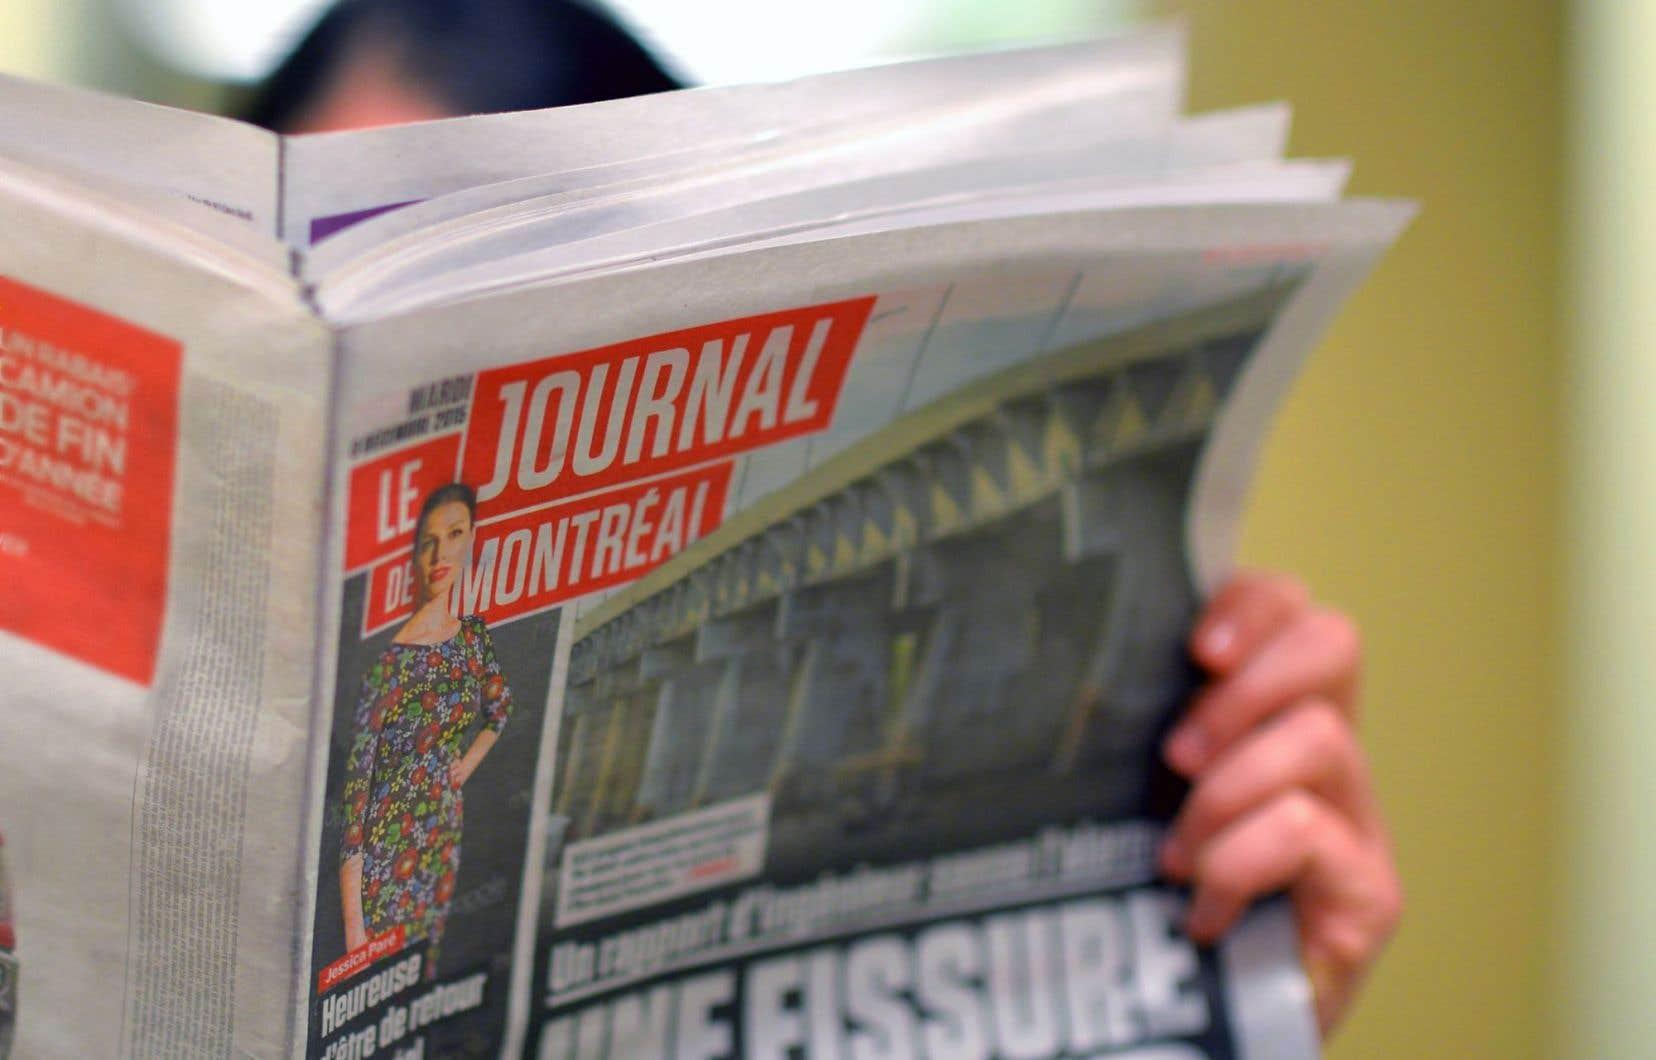 Média QMI, propriétaire du «Journal de Montréal», a demandé au site satirique, en juillet, de cesser la diffusion de publications portant le nom «Journal de Mourréal».